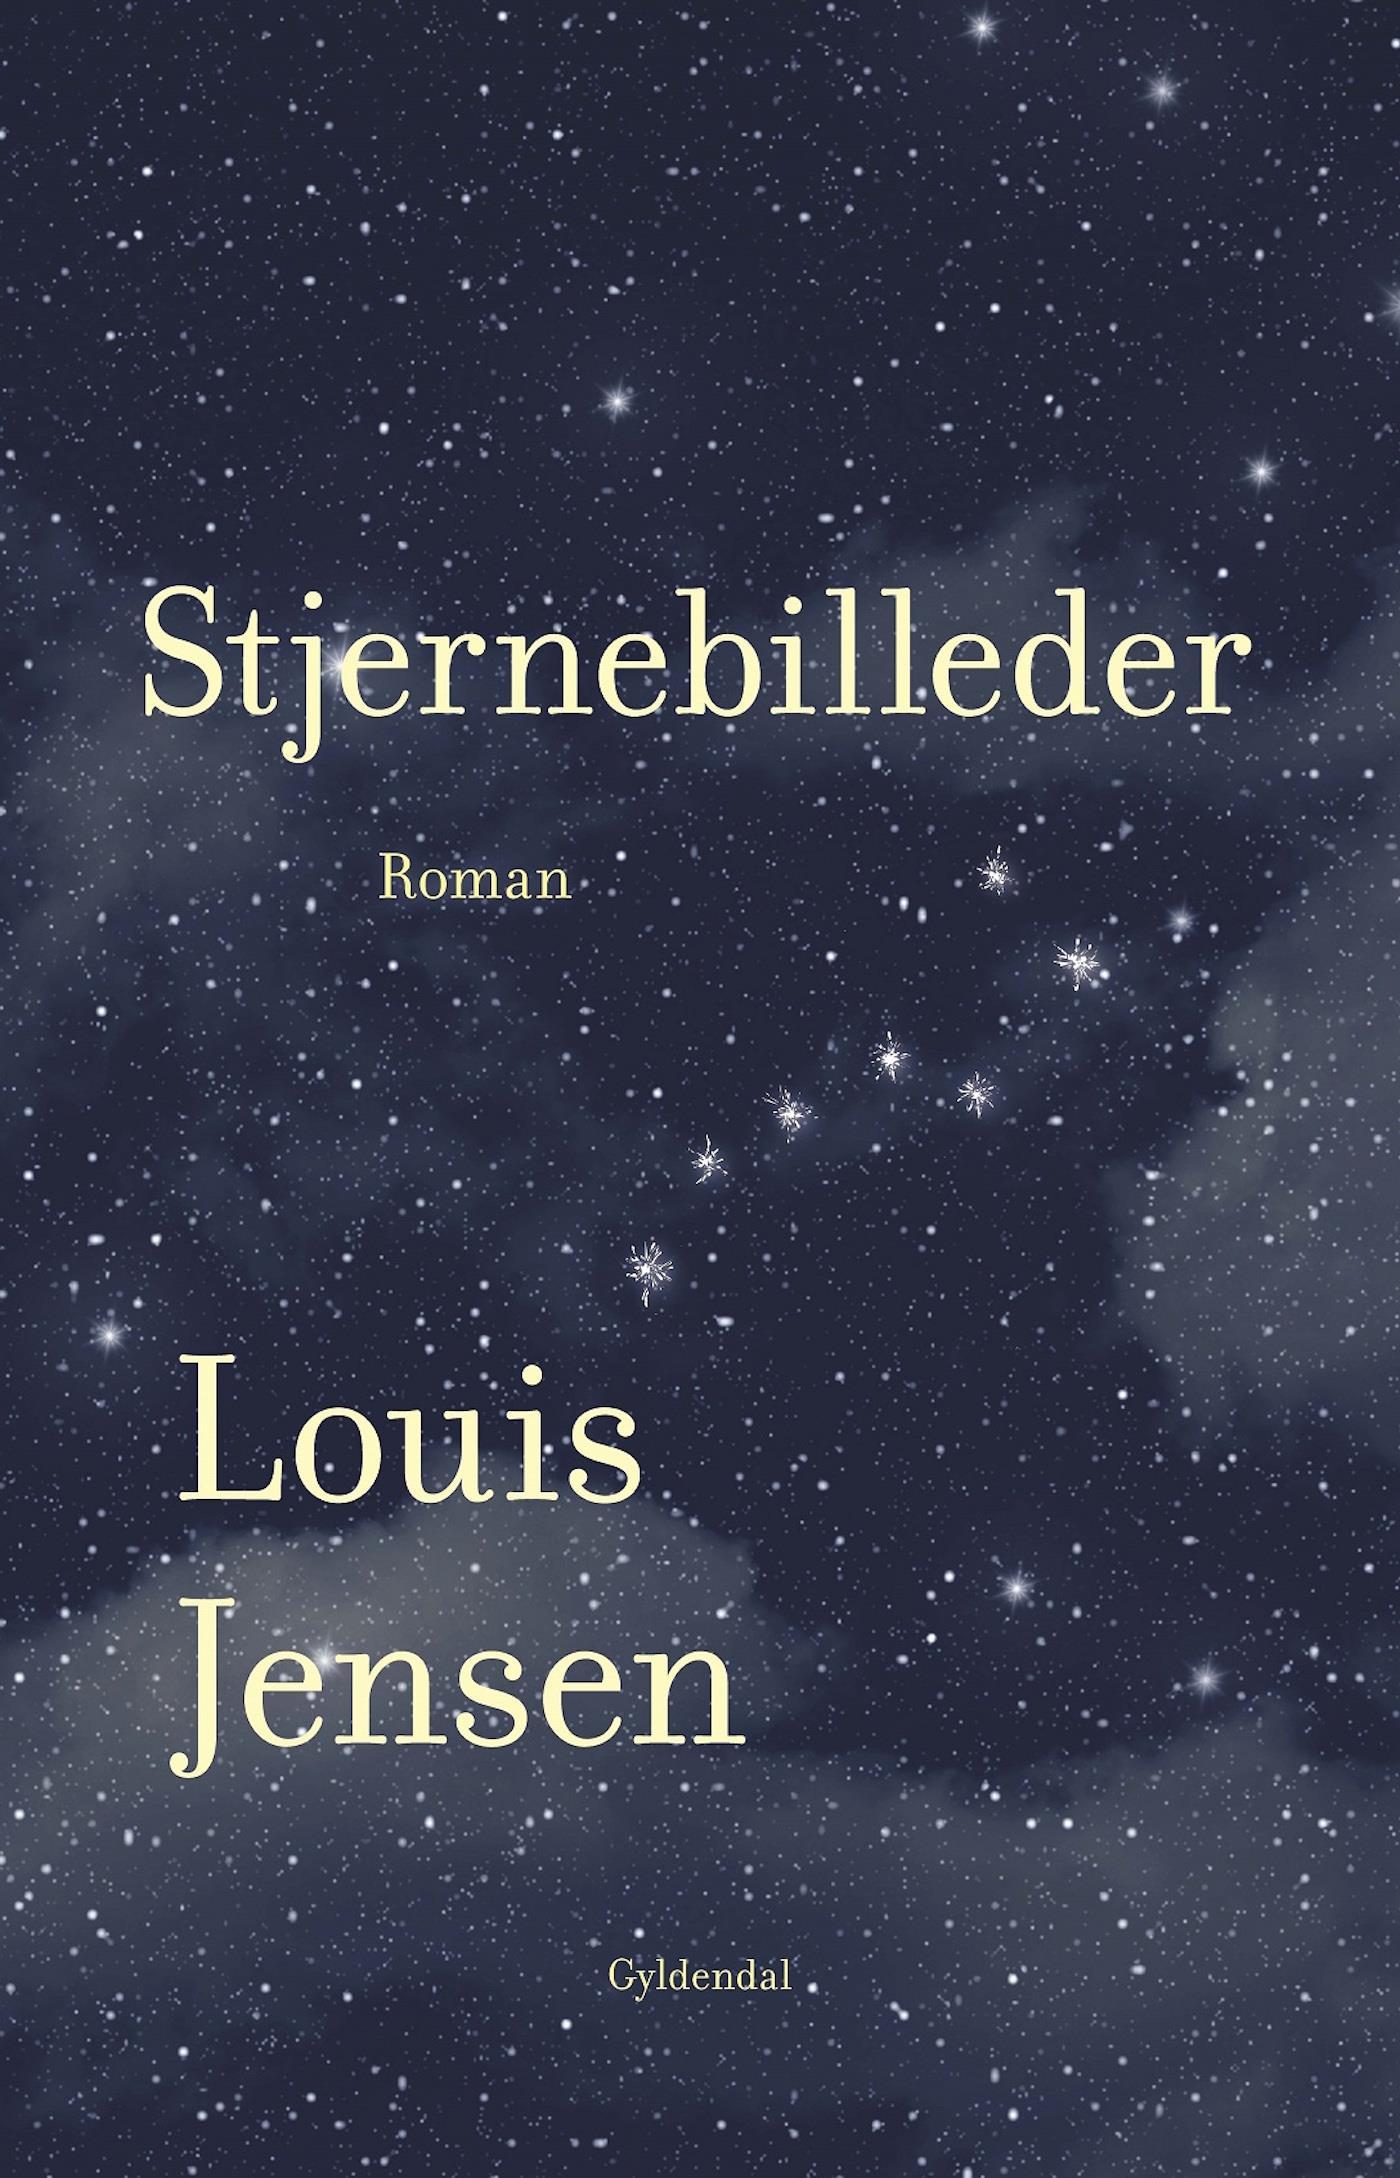 N/A Stjernebilleder - e-bog fra bog & mystik